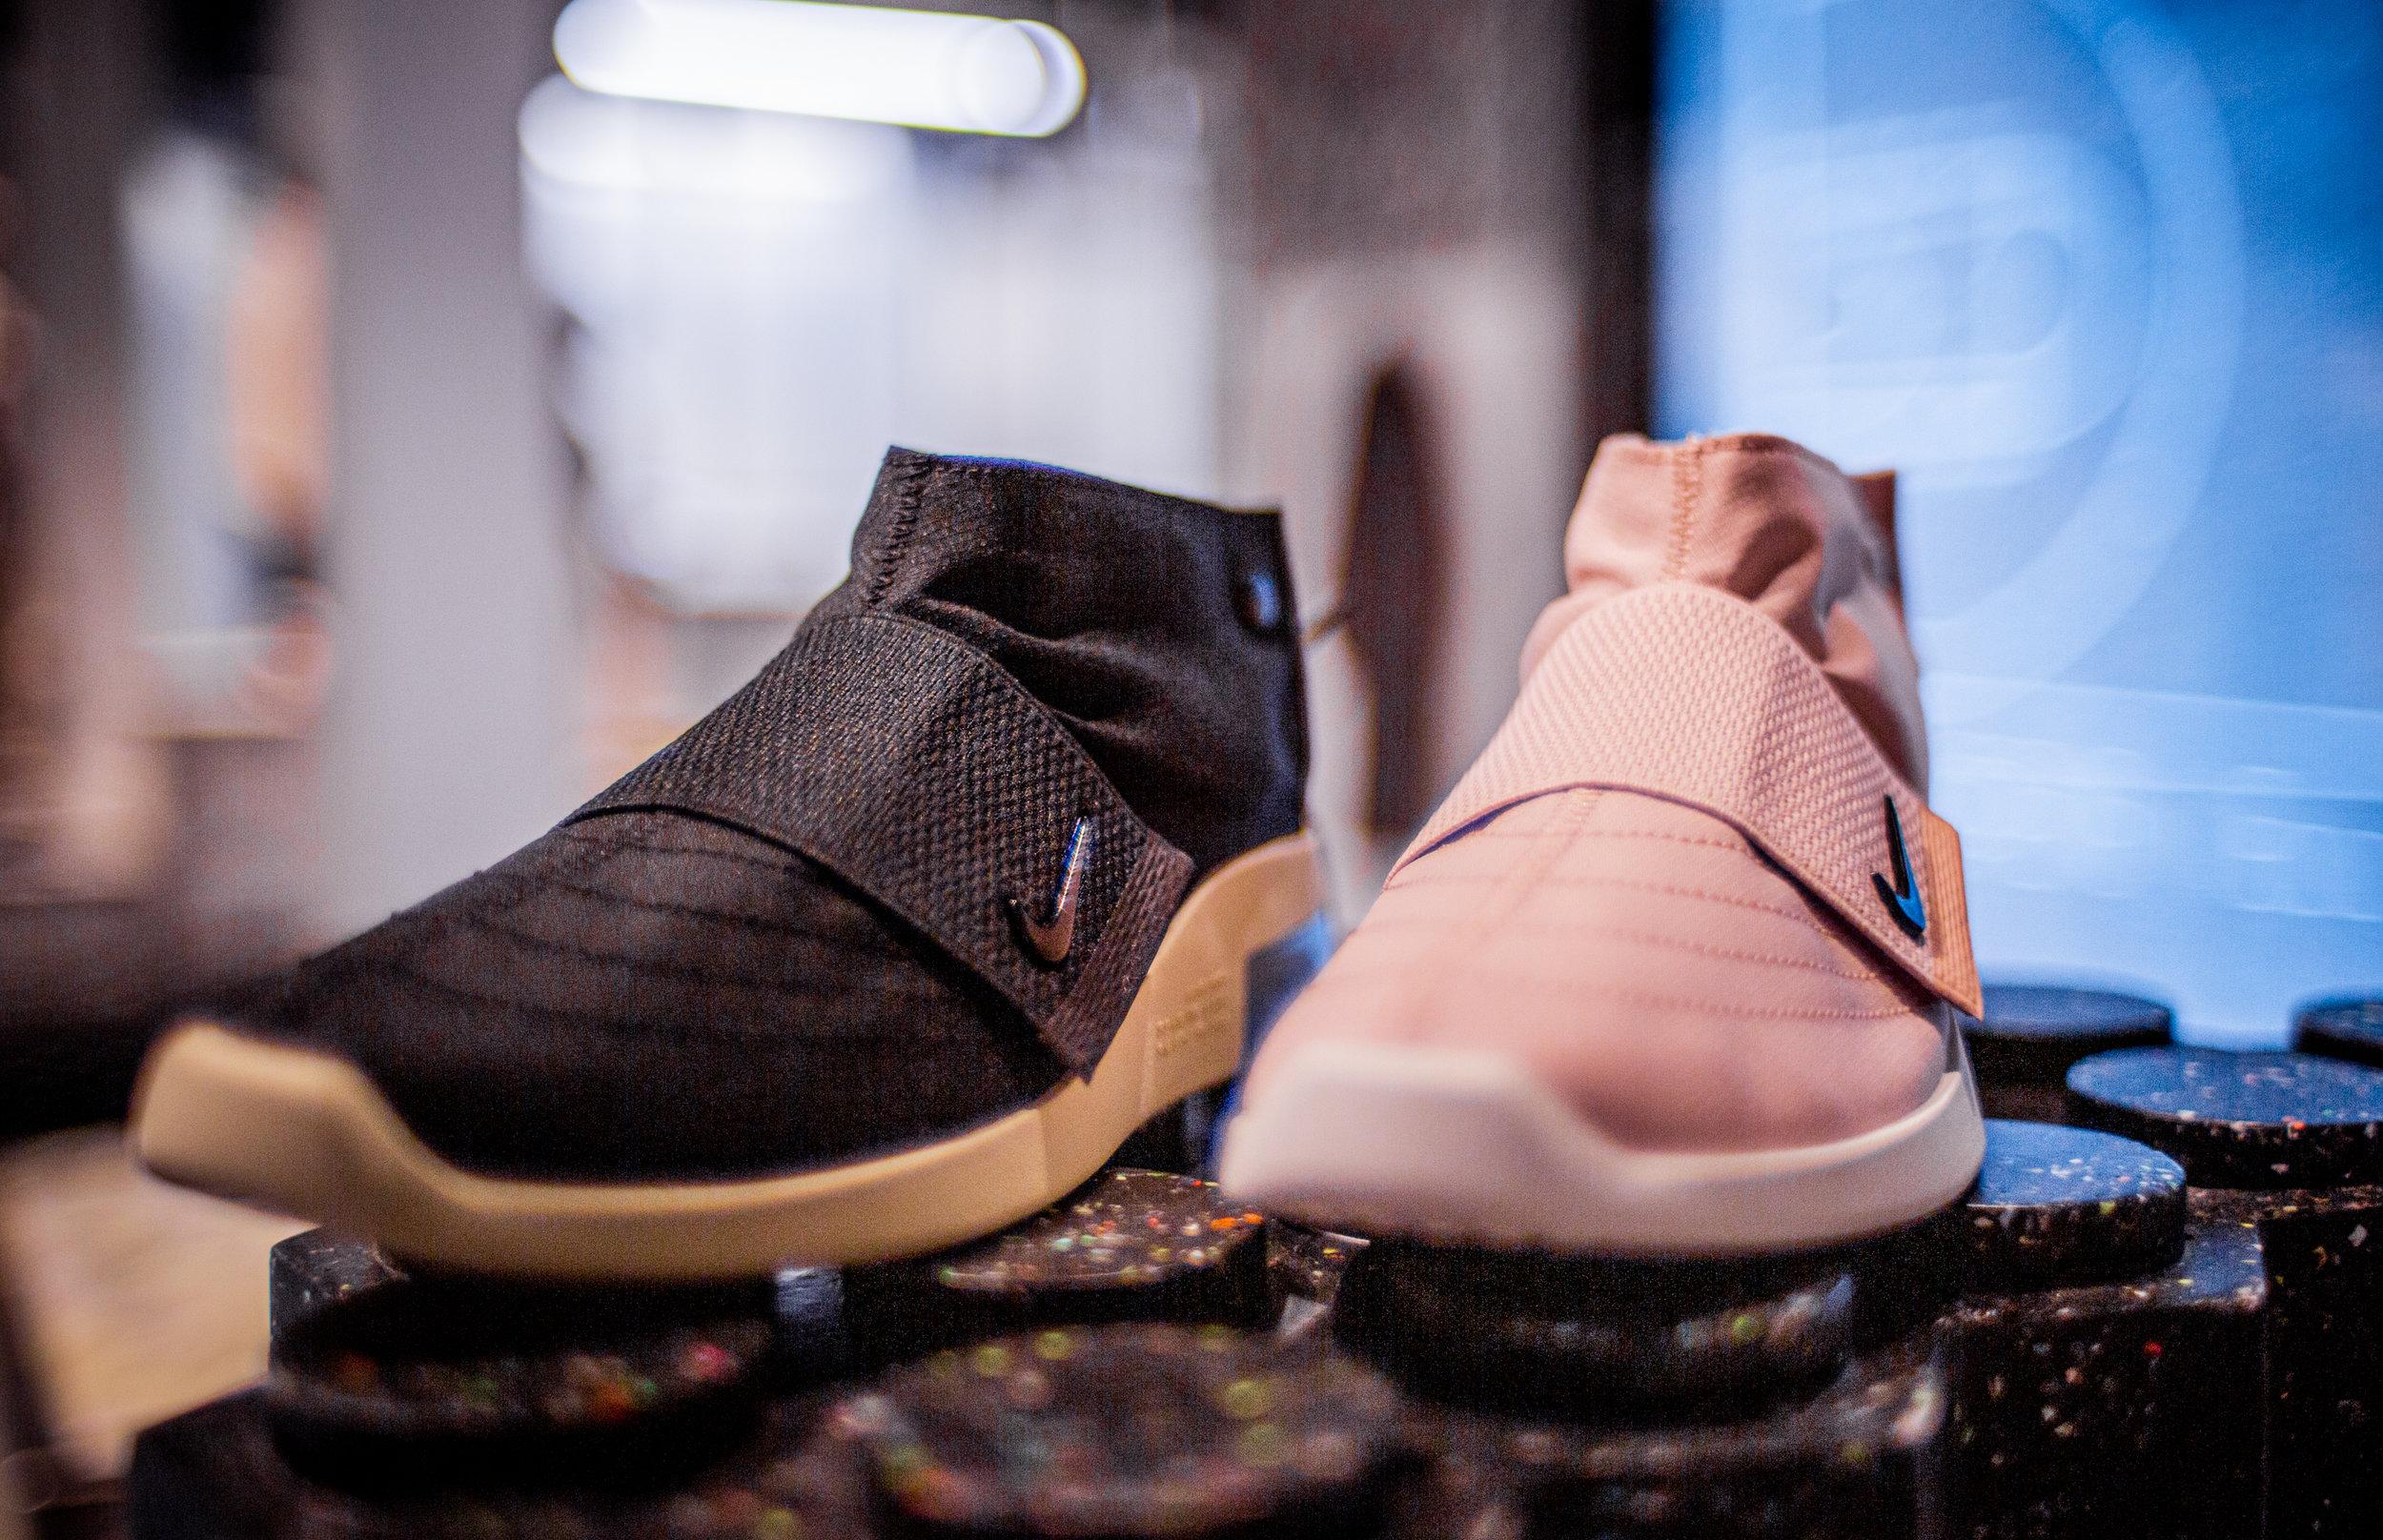 JFENSKE_10113_Satis_Nike_Relab__58A7411_low_01.jpg